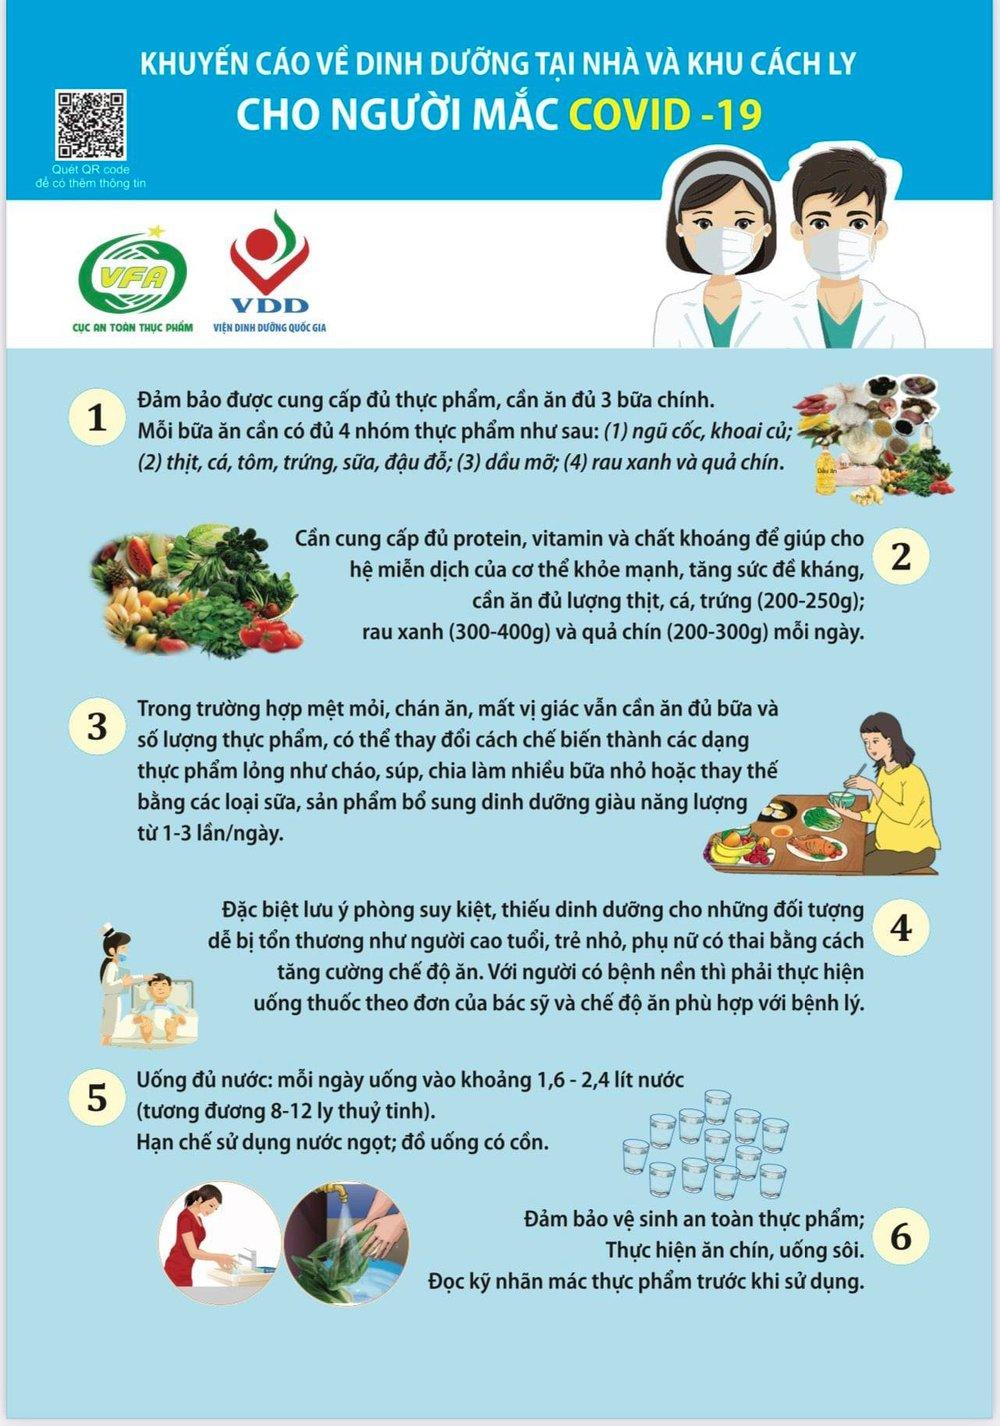 Bộ Y tế khuyến cáo về dinh dưỡng và thực phẩm giúp người mắc COVID-19 nhanh chóng bình phục - Ảnh 1.